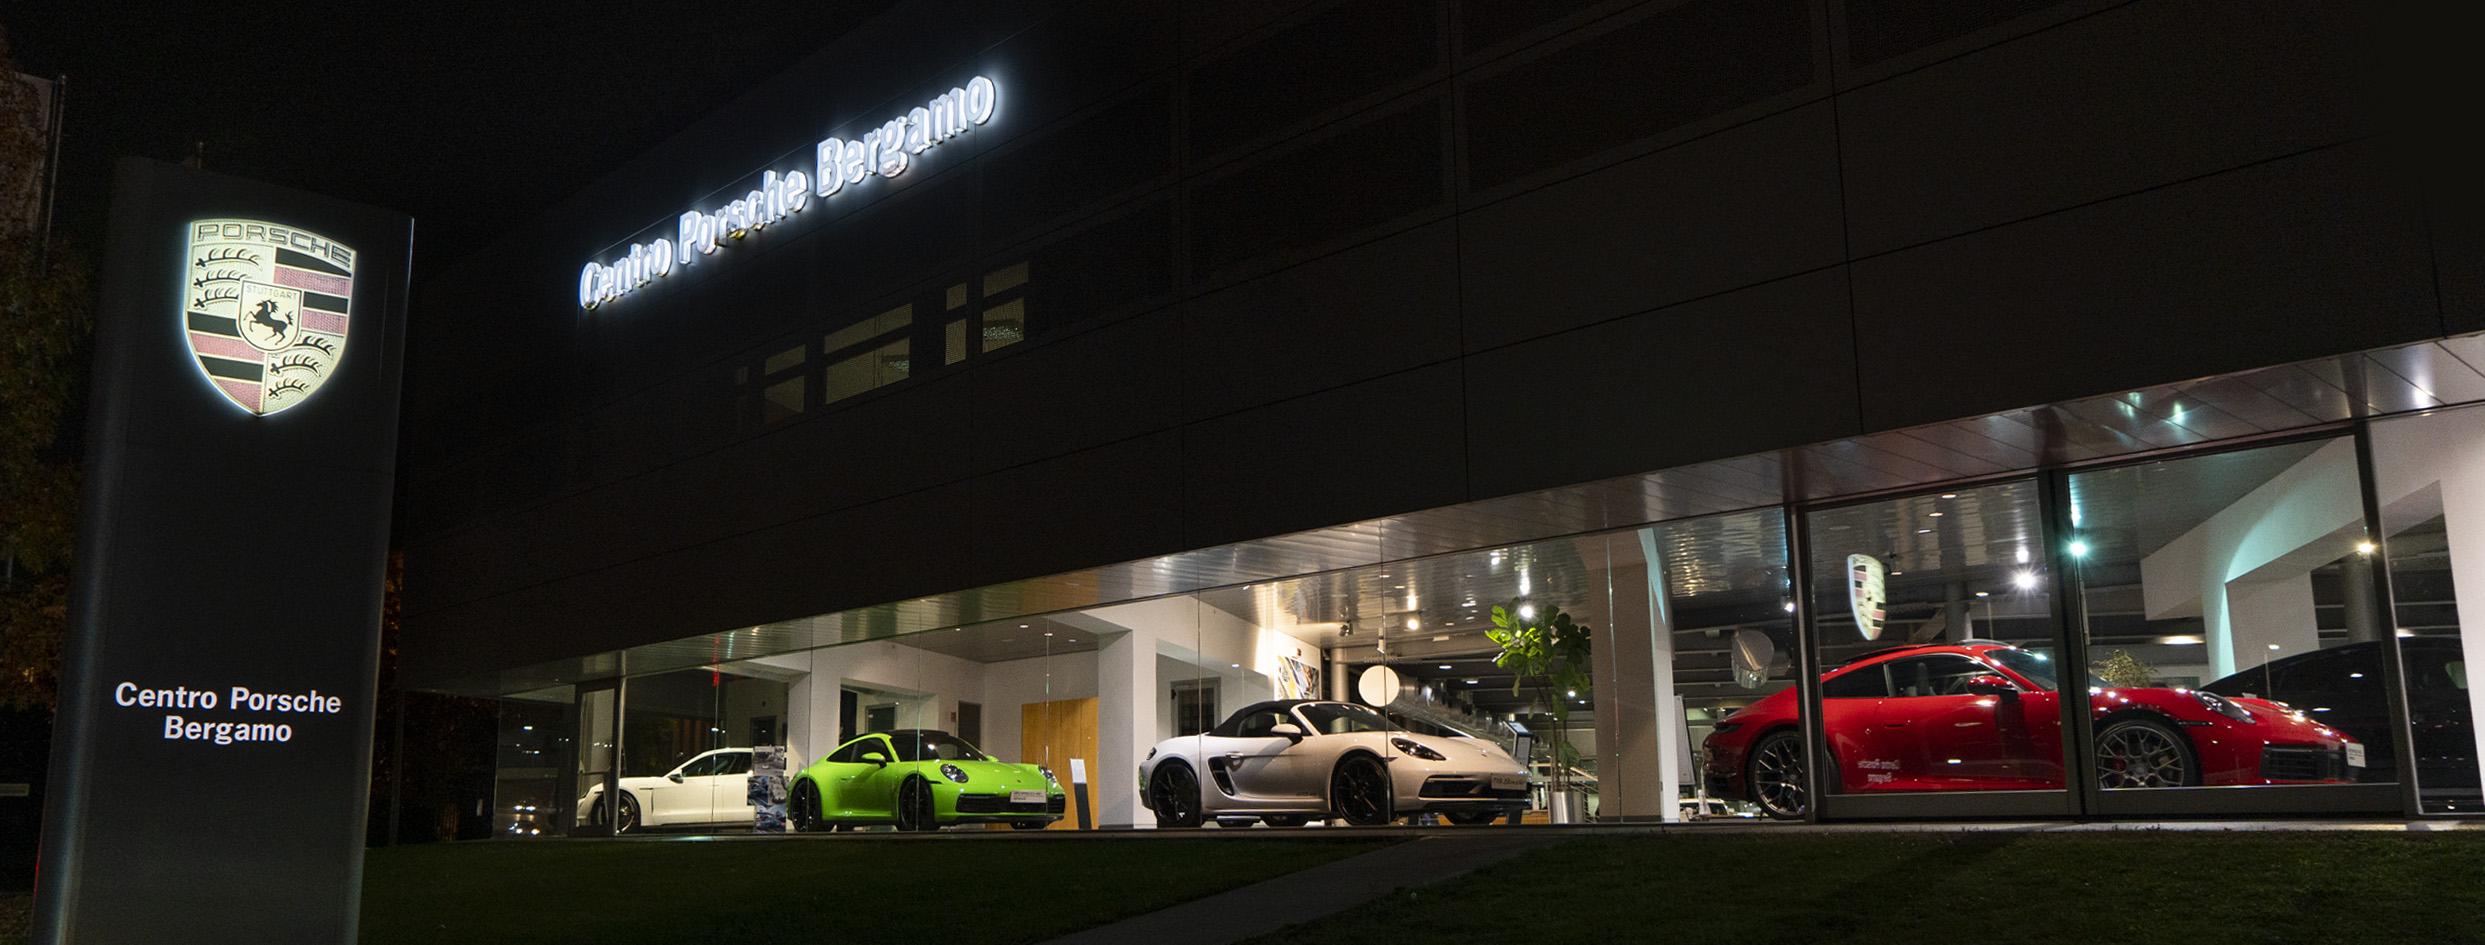 Centro Porsche Bergamo